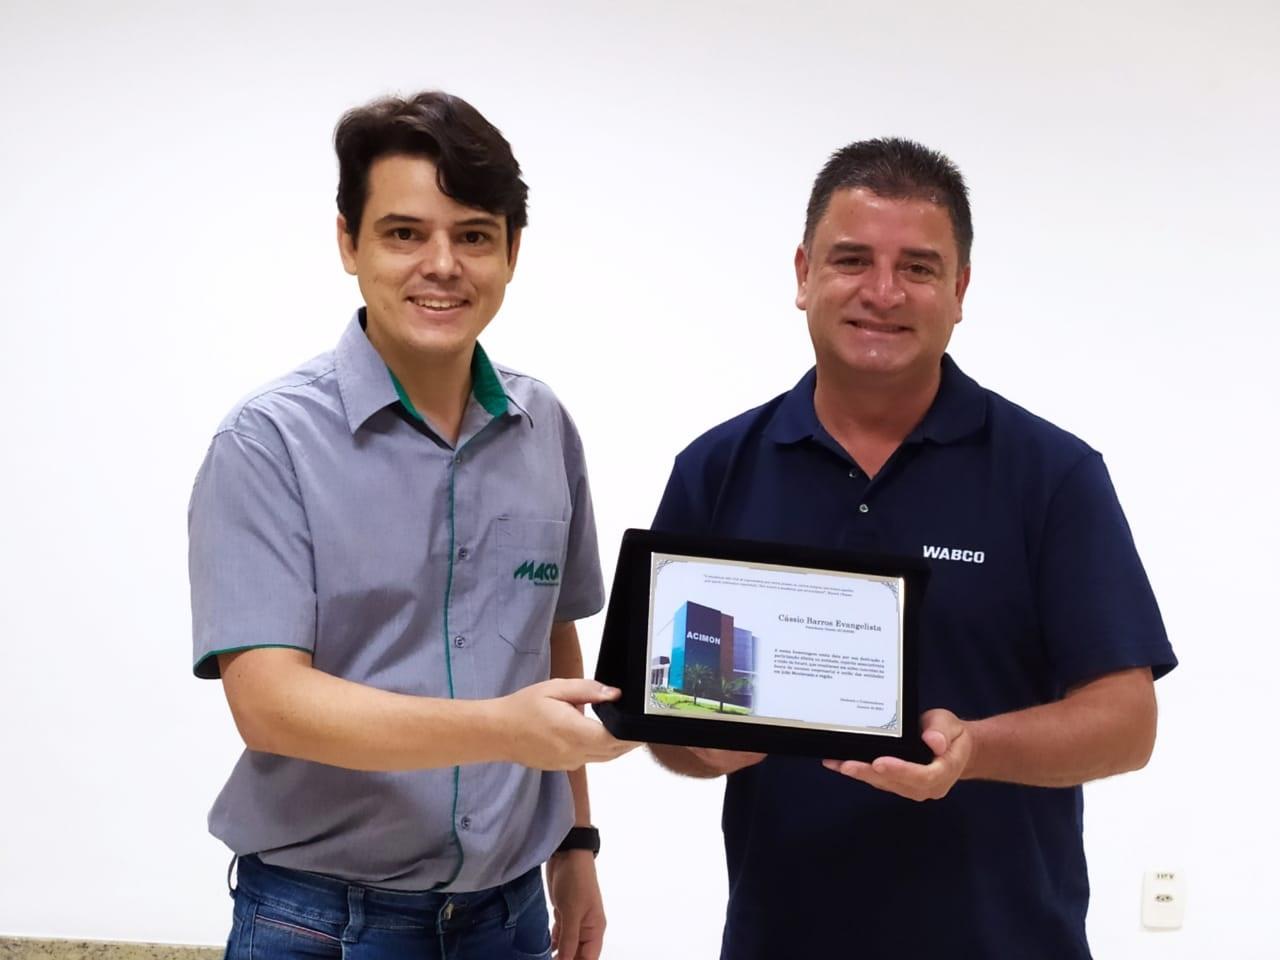 Foto: Eduardo Drumond entregando placa de homenagem ao Cássio Barros.